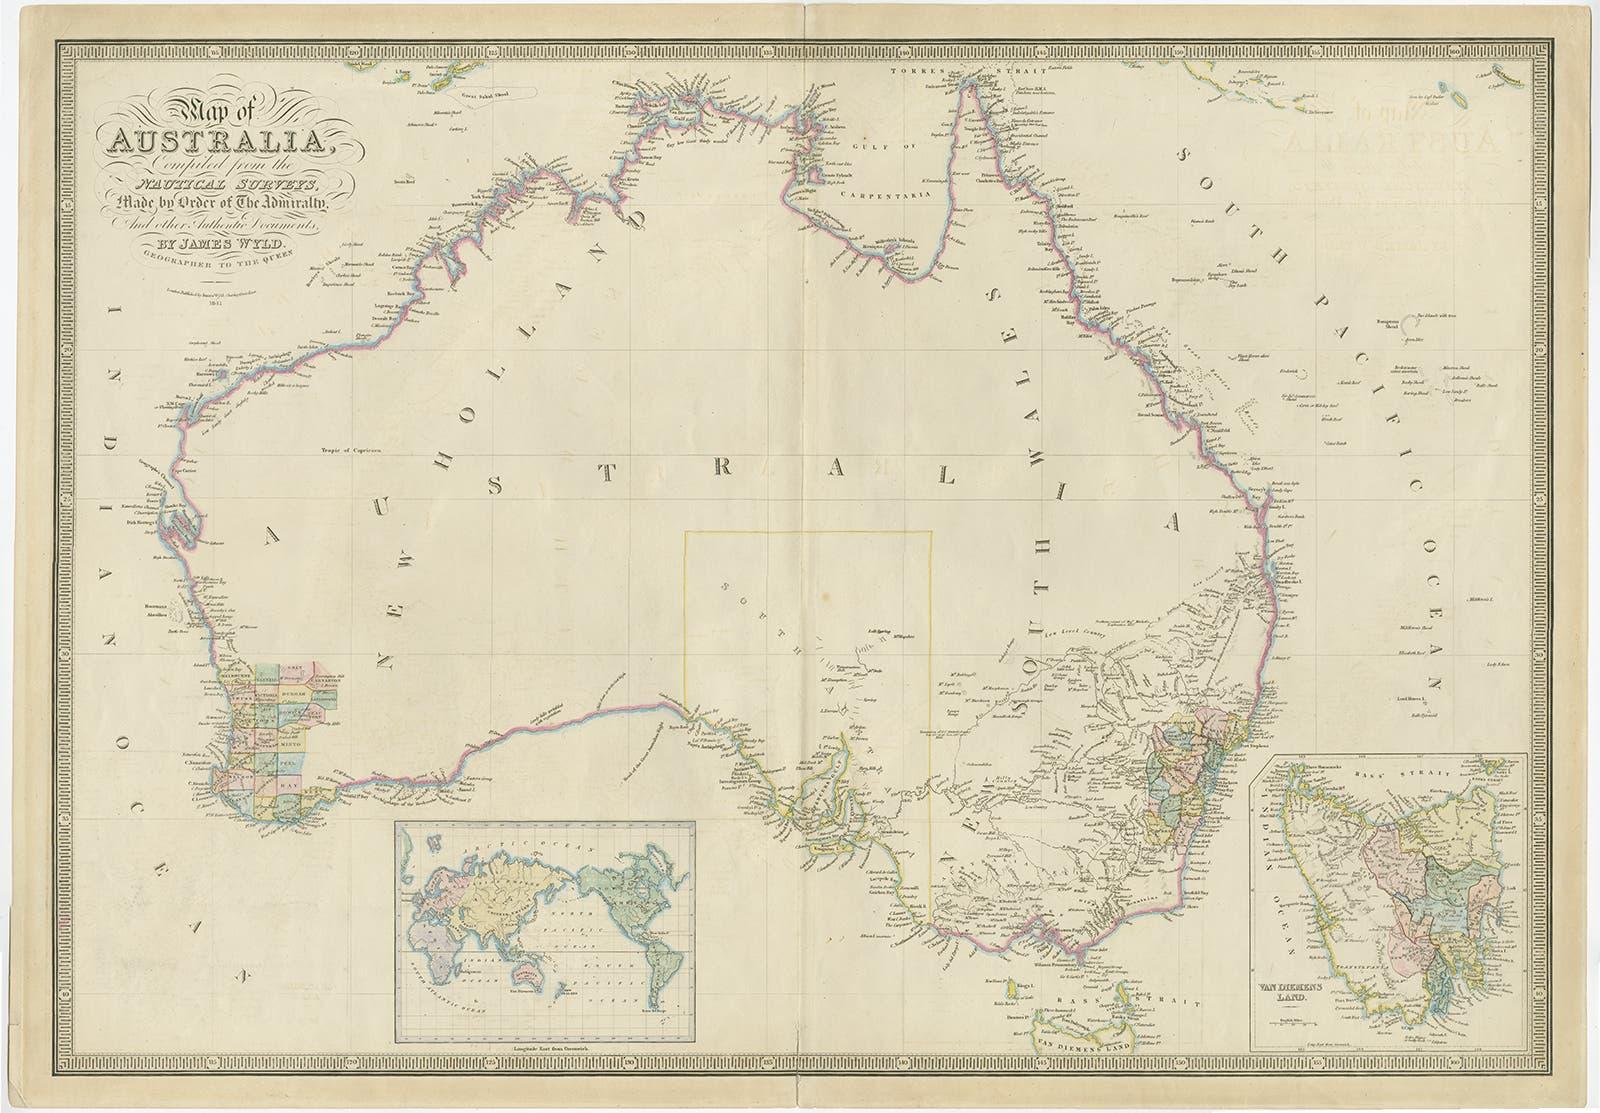 خريطة أستراليا في حدود العام 1850